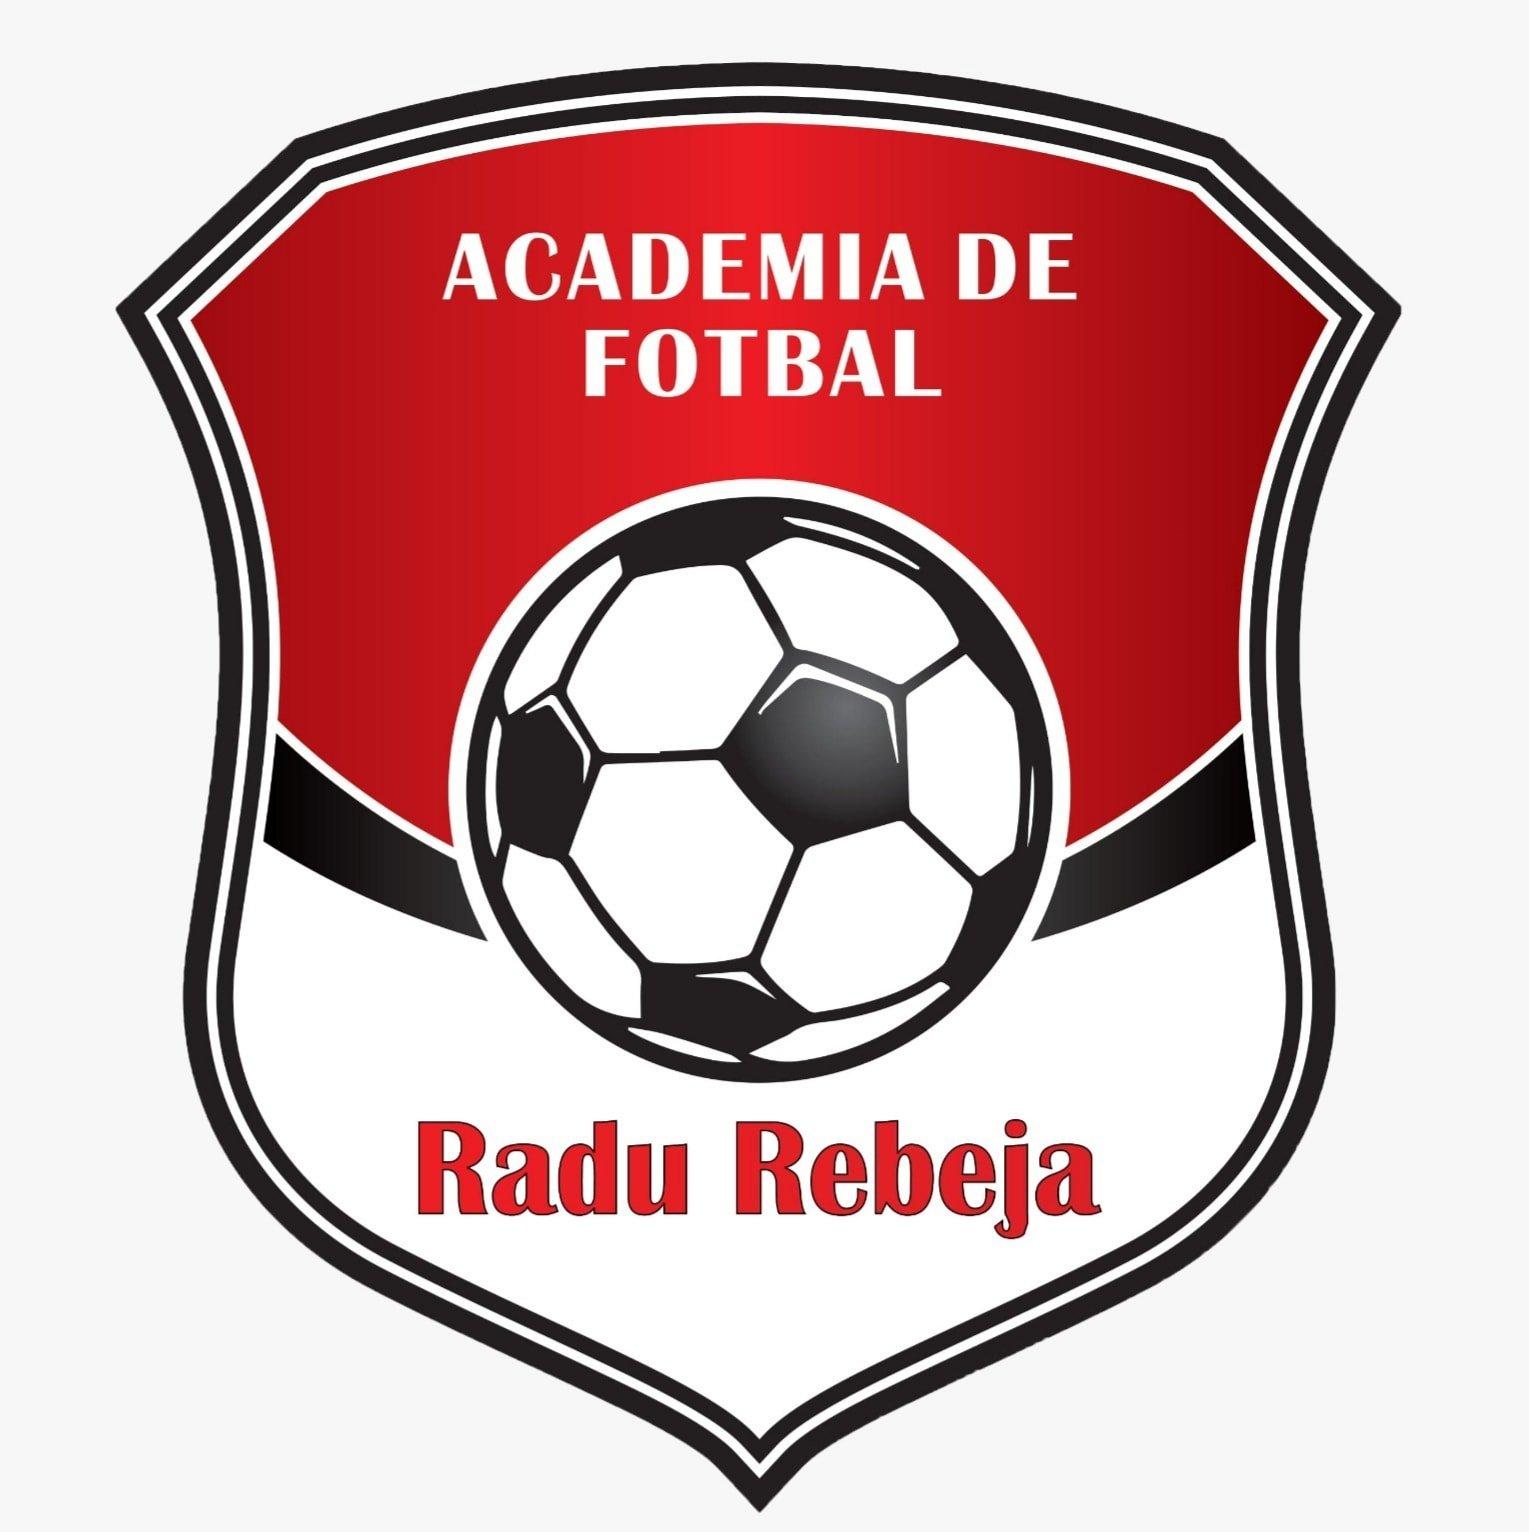 """Practică fotbal acasă, la Academia de fotbal """"Radu Rebeja"""" așa cum o fac copiii la cluburile și școlile cu renume mondial!"""